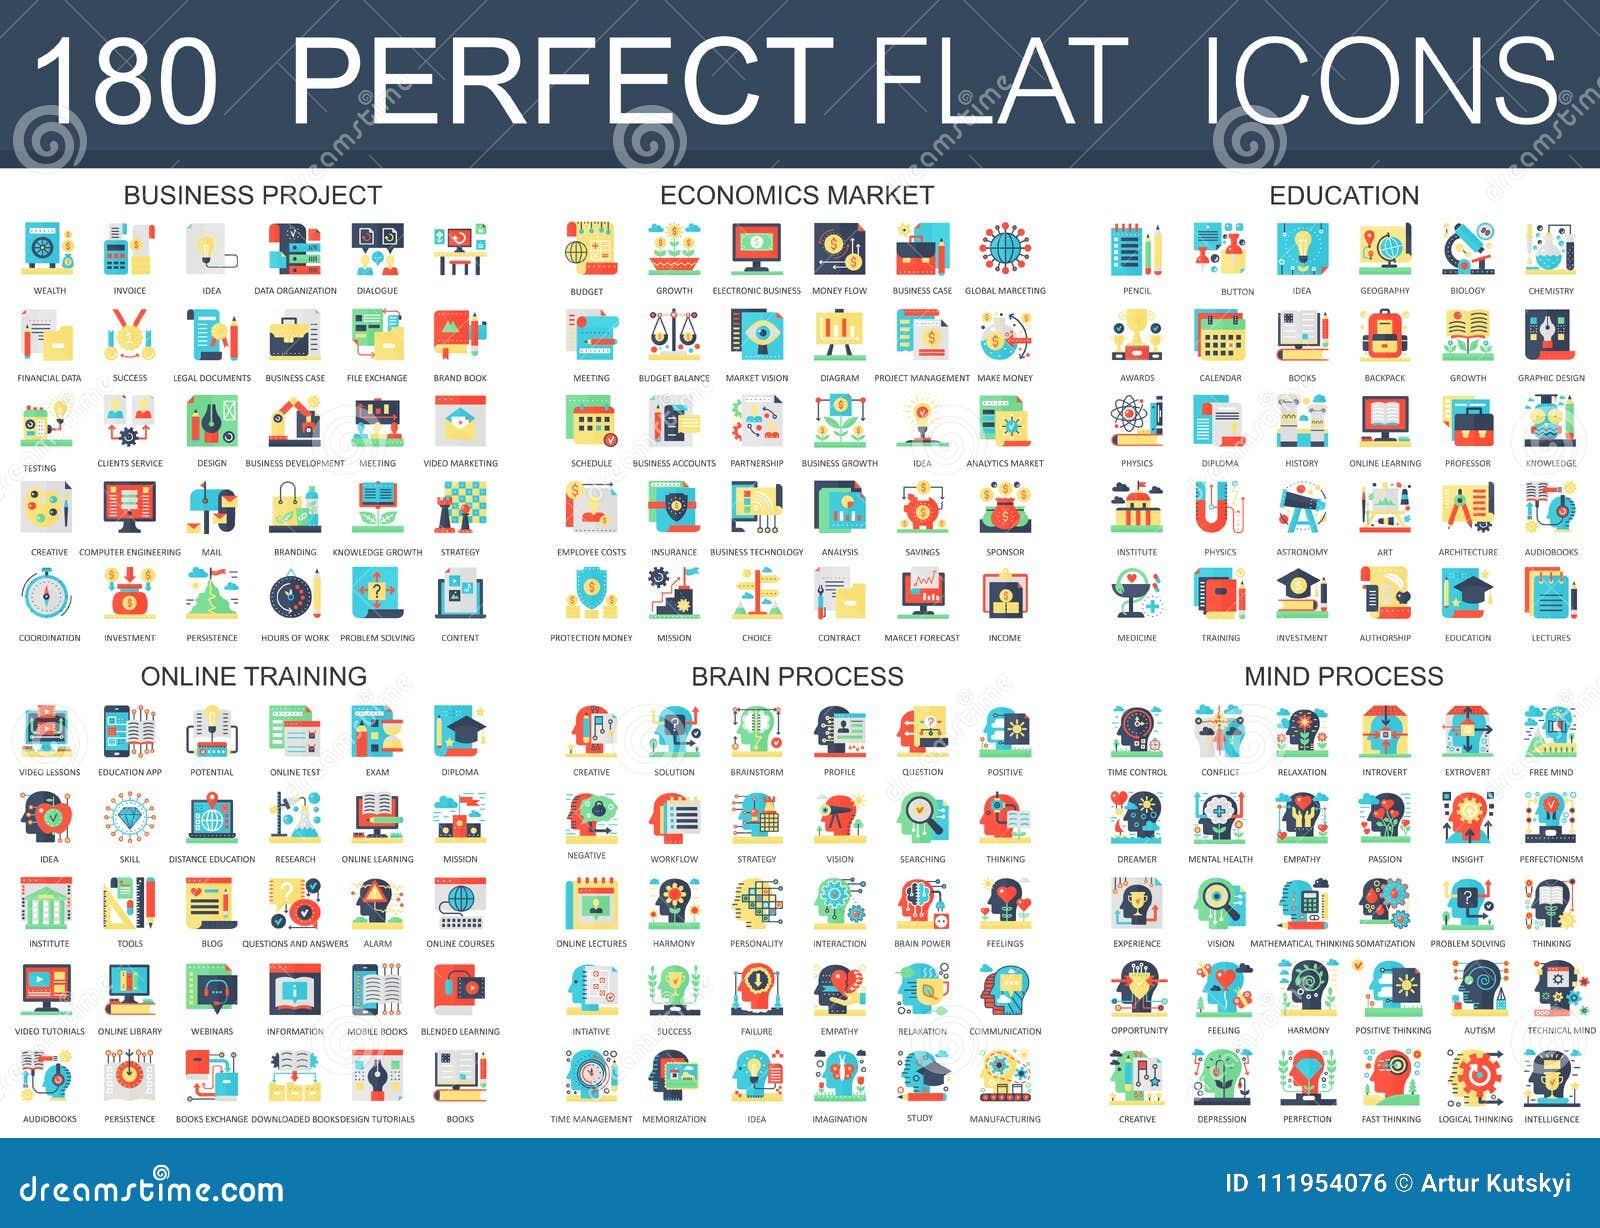 180 symboler för begrepp för symboler för vektorkomplexlägenhet av affärsprojektet, nationalekonomimarknad, utbildning, online-ut